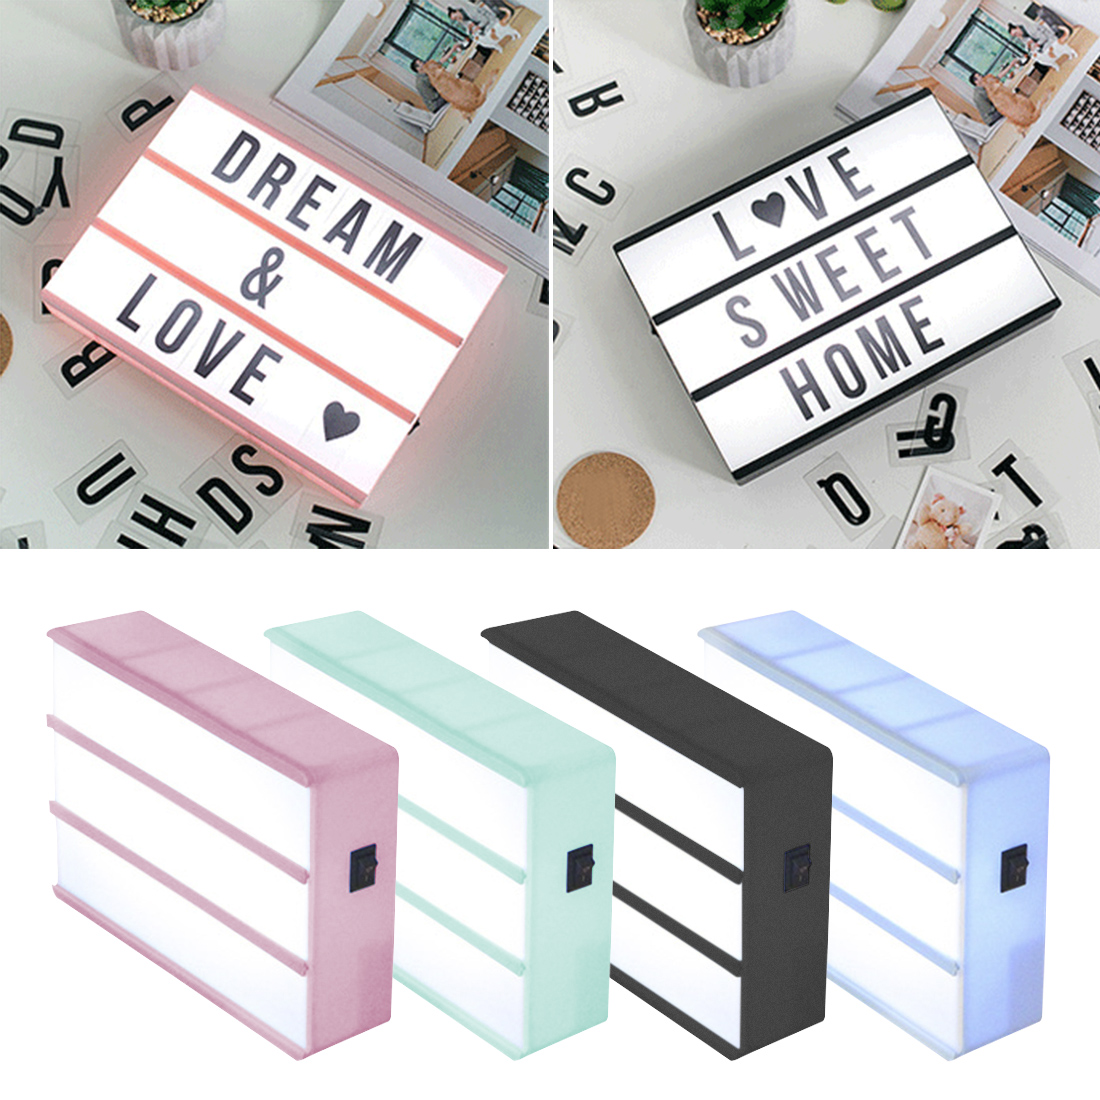 A6 サイズ Led コンビネーション夜の光ボックスランプ DIY 黒手紙カード単三電池シネマライト